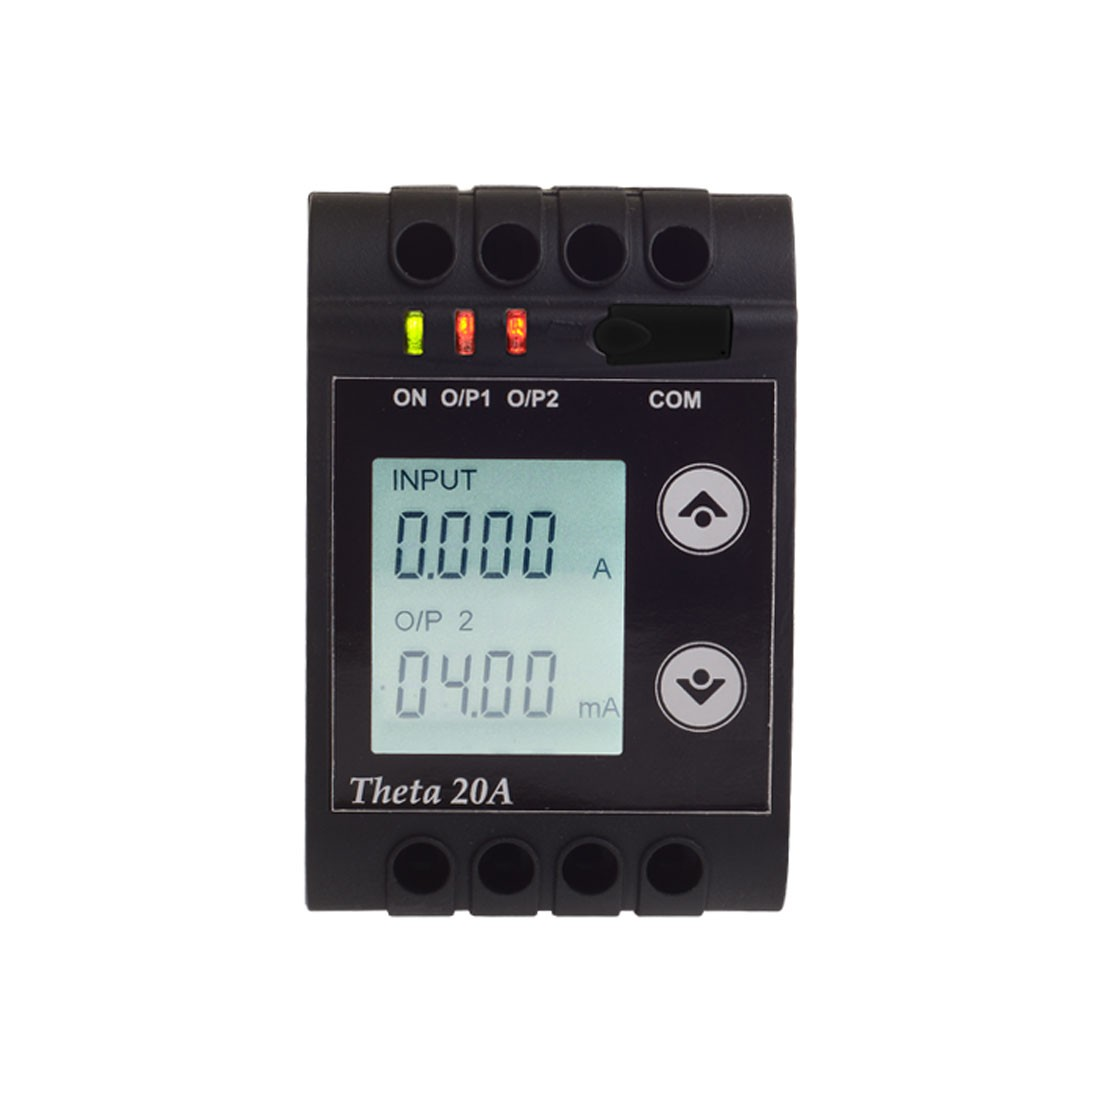 Theta 20A/20V AC to DC Transducer